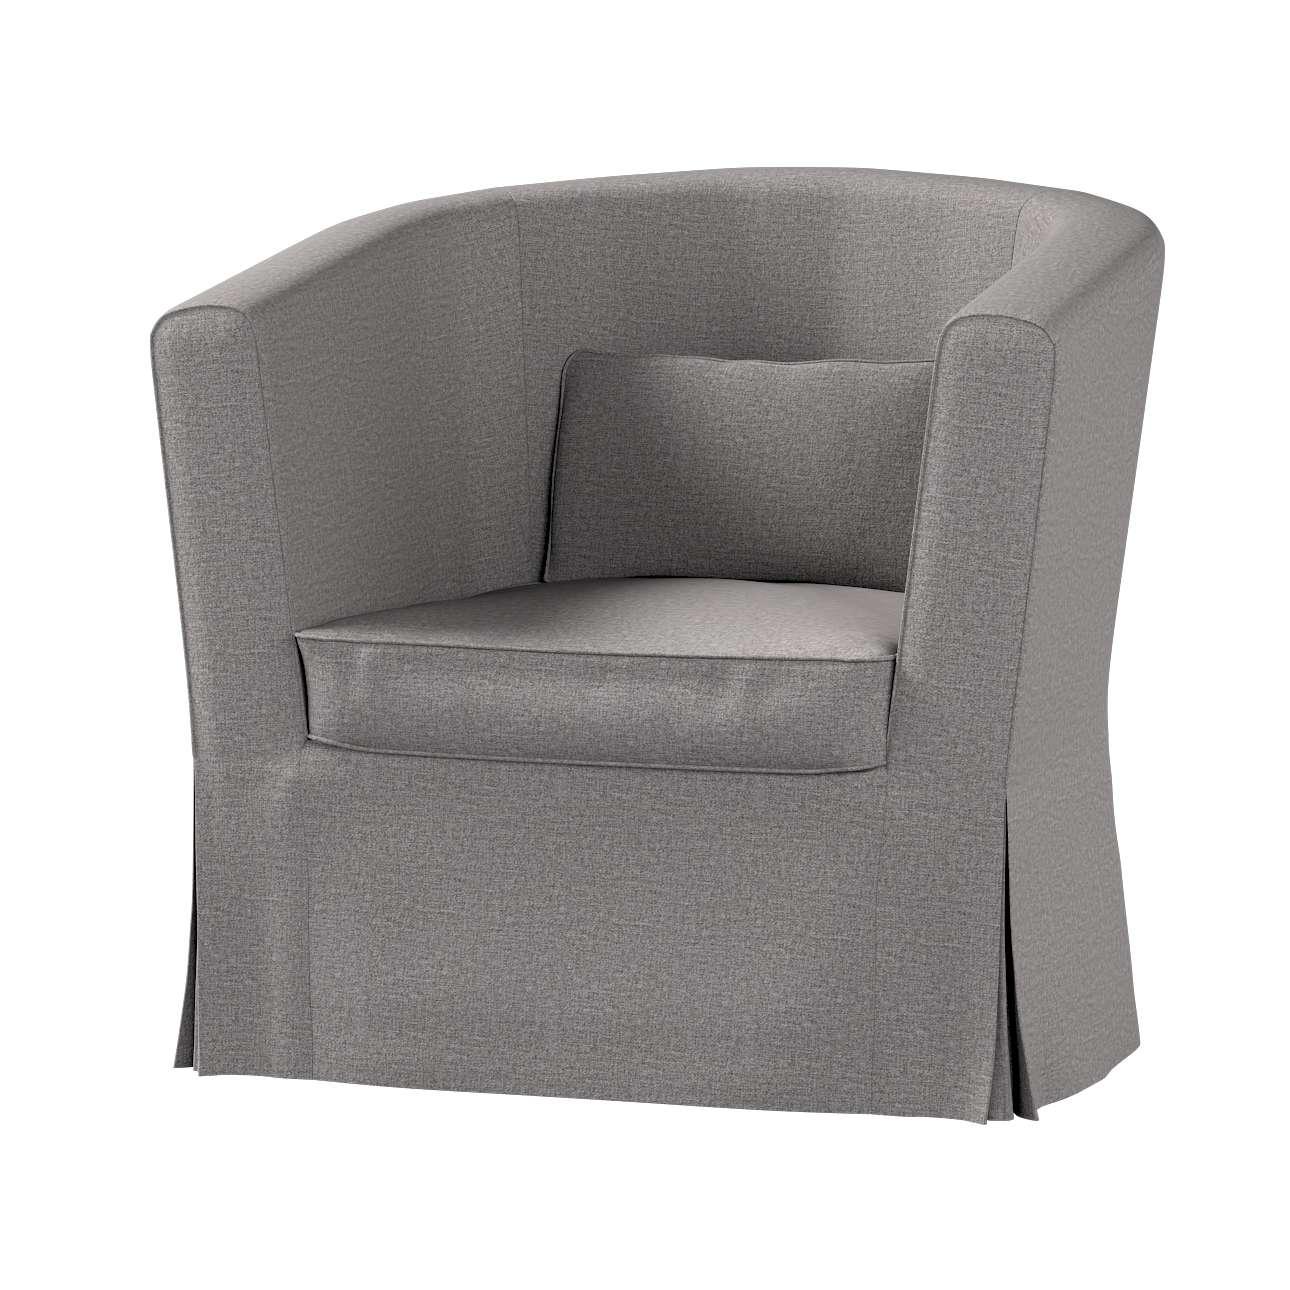 EKTORP TULLSTA fotelio užvalkalas Ektorp Tullsta fotelio užvalkalas kolekcijoje Edinburgh , audinys: 115-81